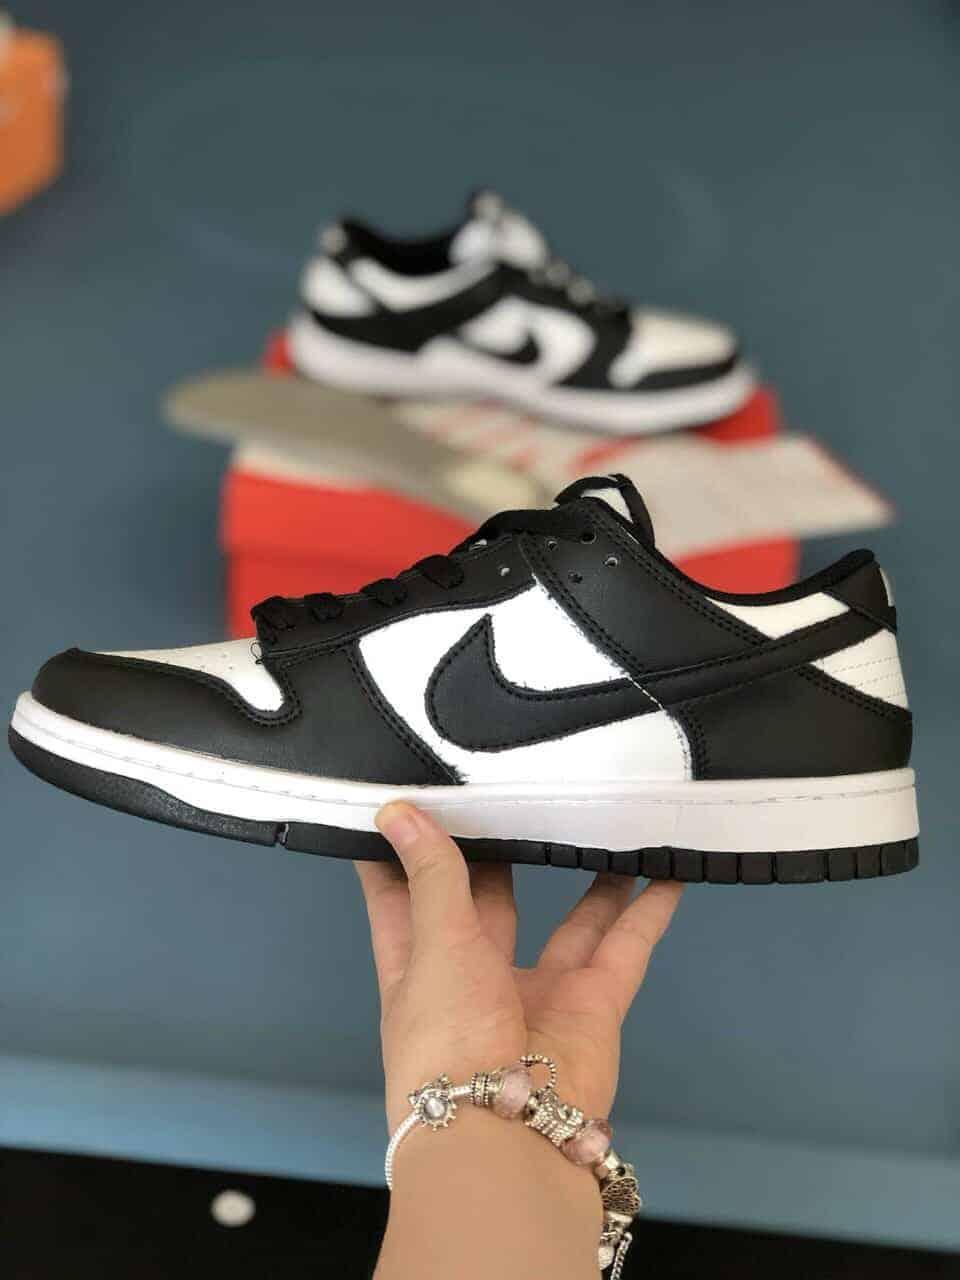 Nike SB Dunk Panda Rep 1:1 giúp bạn thêm hài lòng vì thiết kế hợp thời